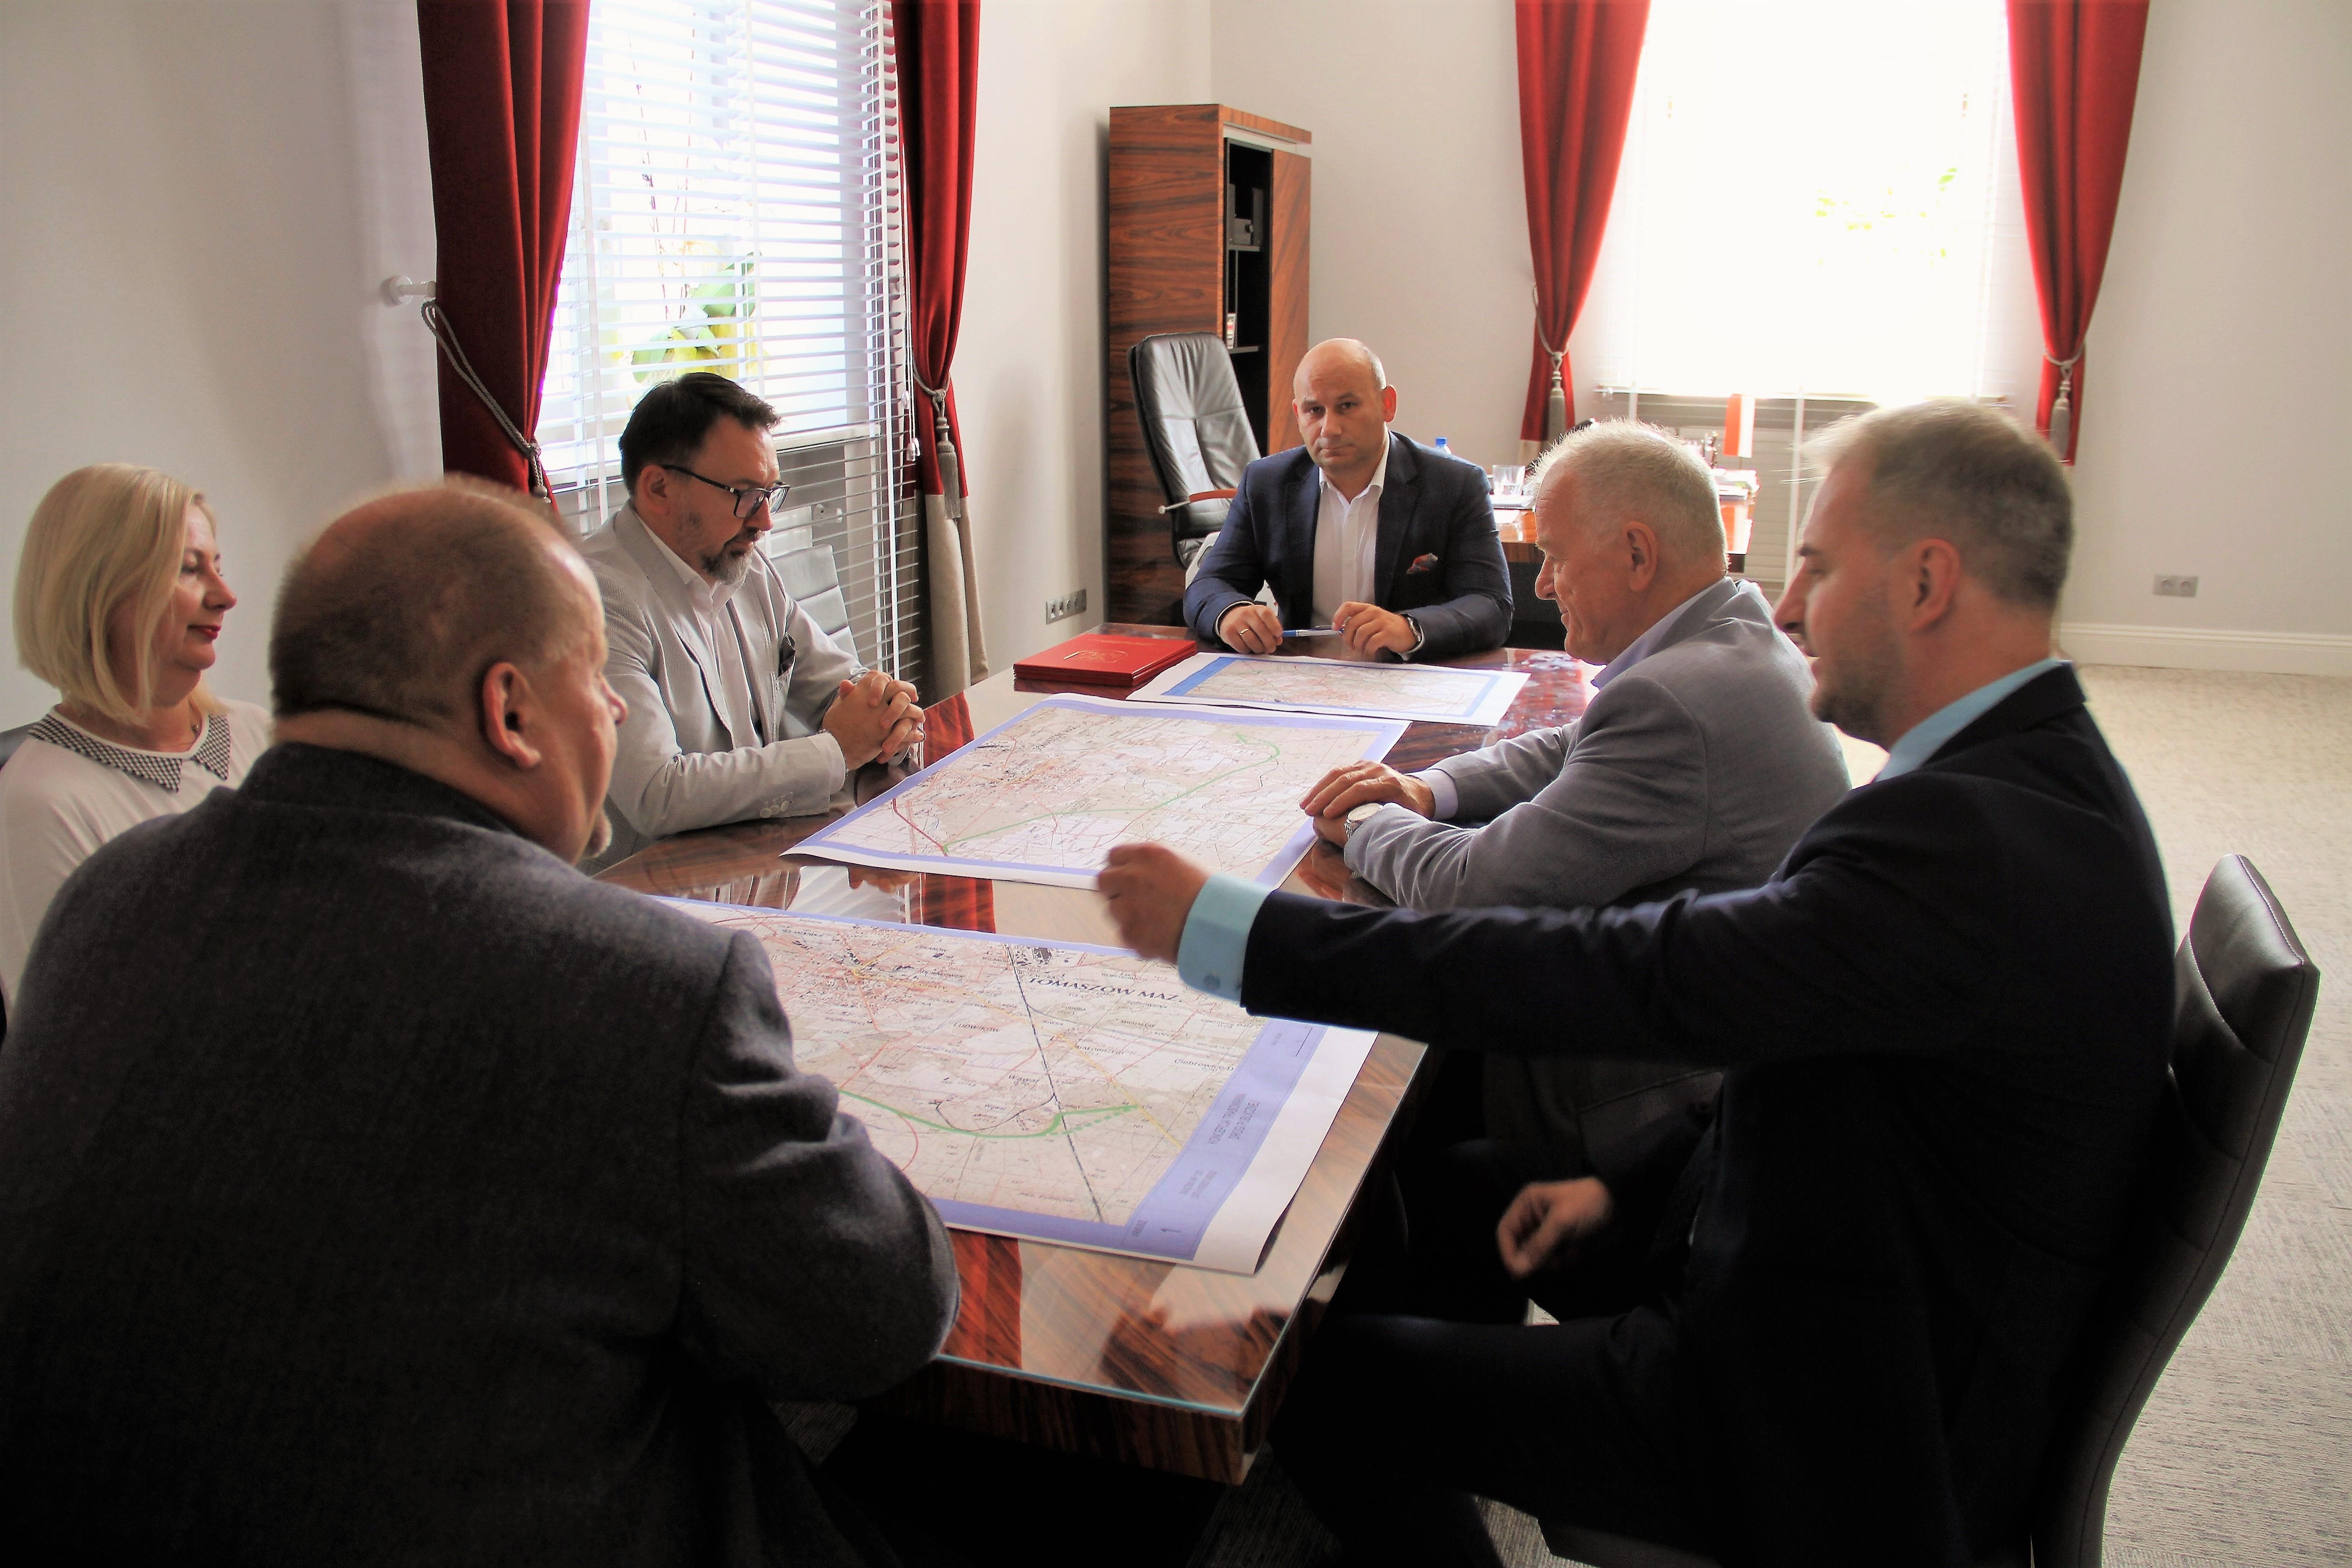 Zdjęcie wykonane podczas spotkania dotyczącegi trasowania obwodnicy oraz podpisania listu intencyjnego